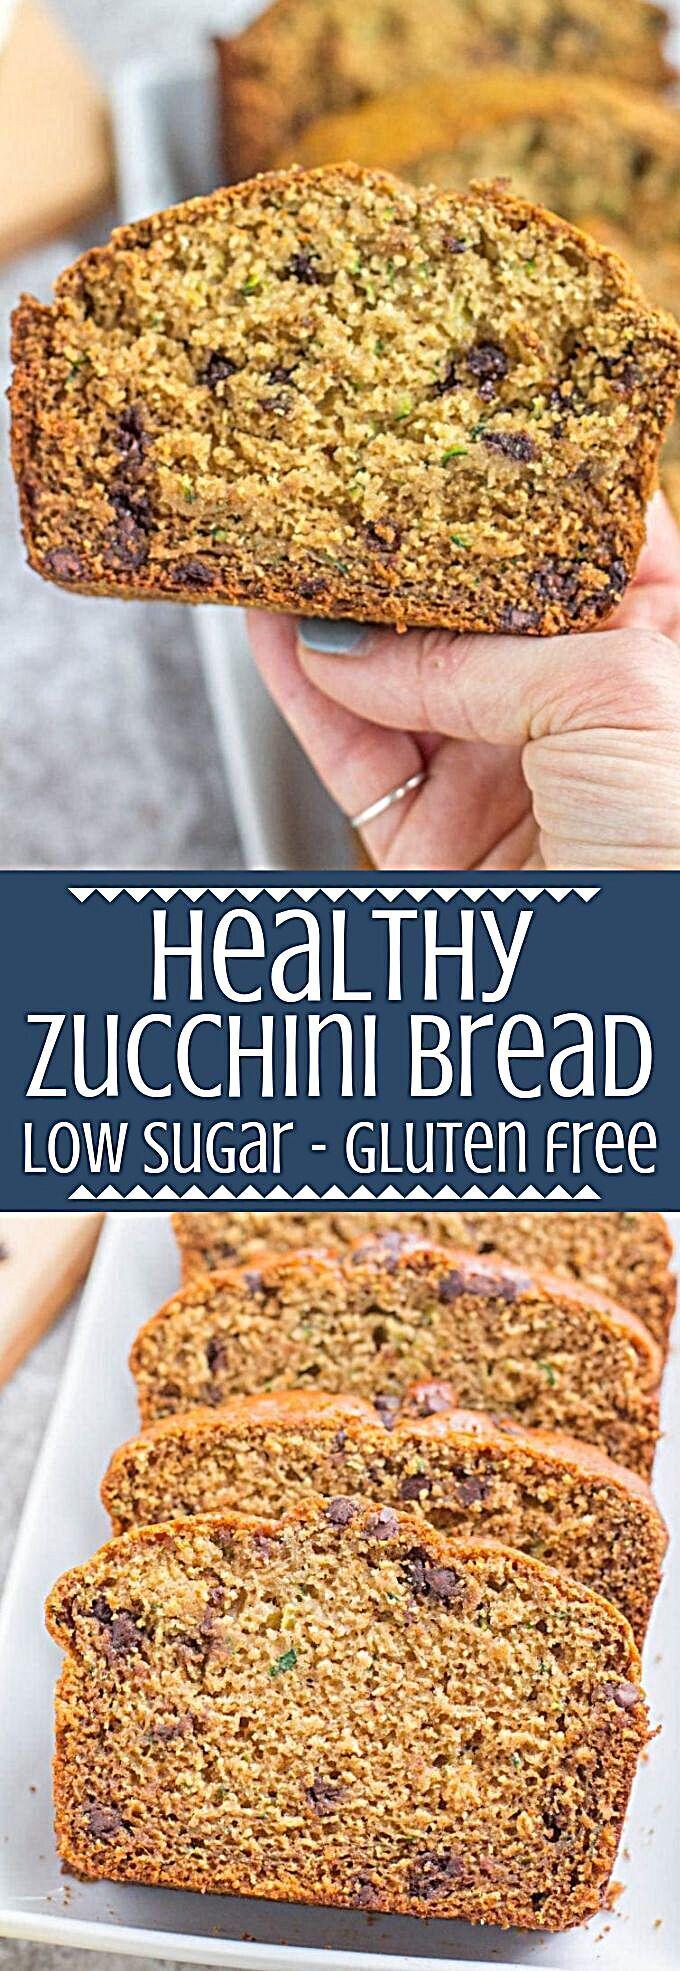 healthy zucchini bread  recipe in 2020  zucchini bread